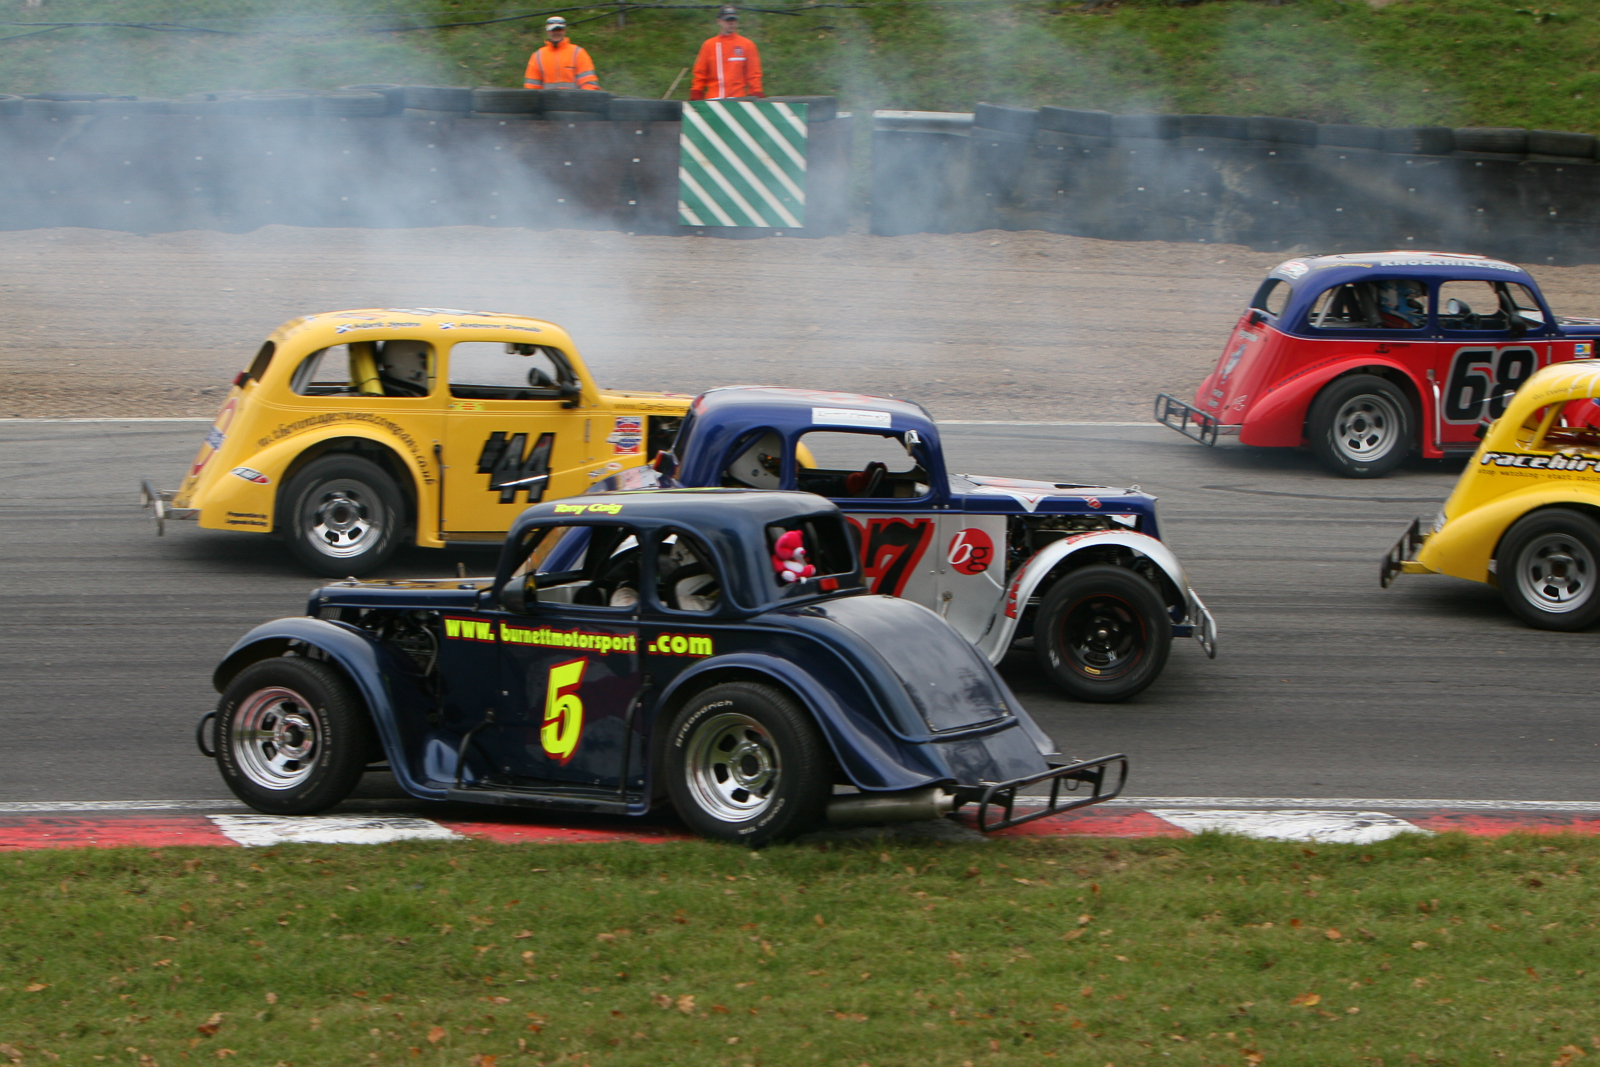 20071103 - Truck Racing Brands -071103 -043